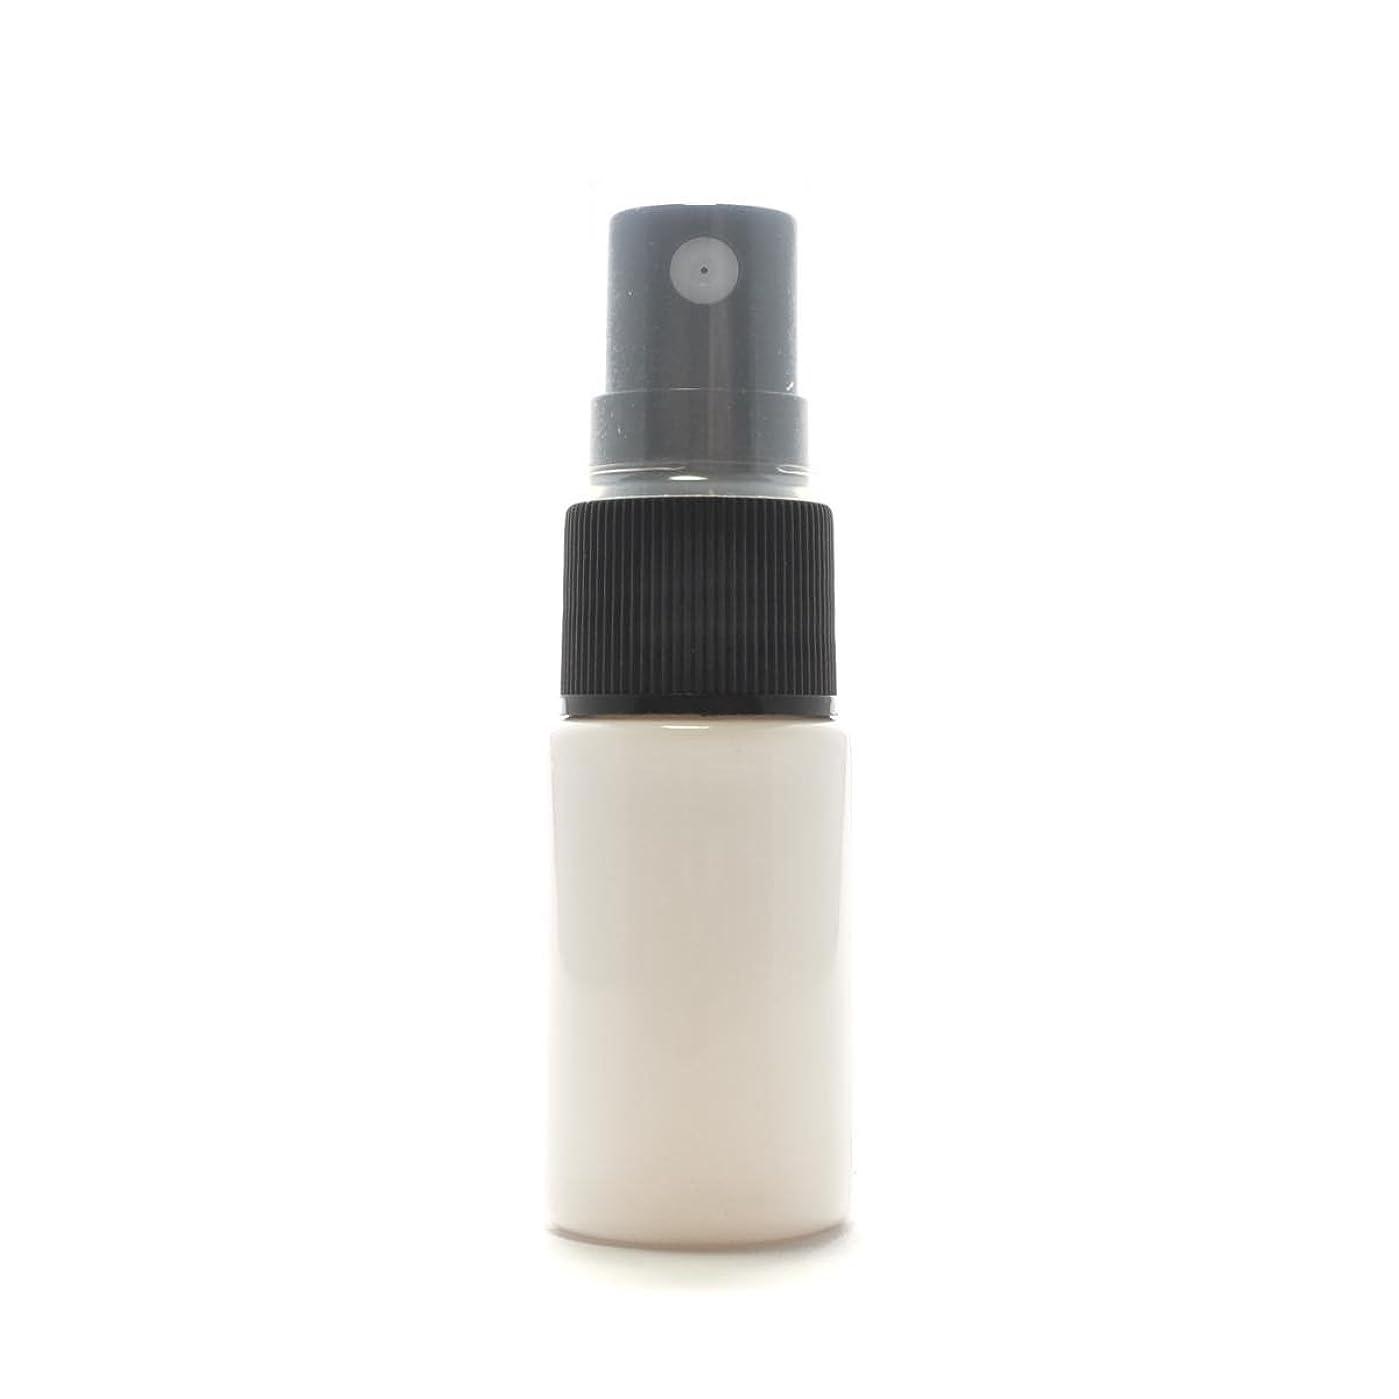 関与するより良い湖スプレーボトル 10ml PET [ ボトル:遮光白 / スプレー:ブラック ]